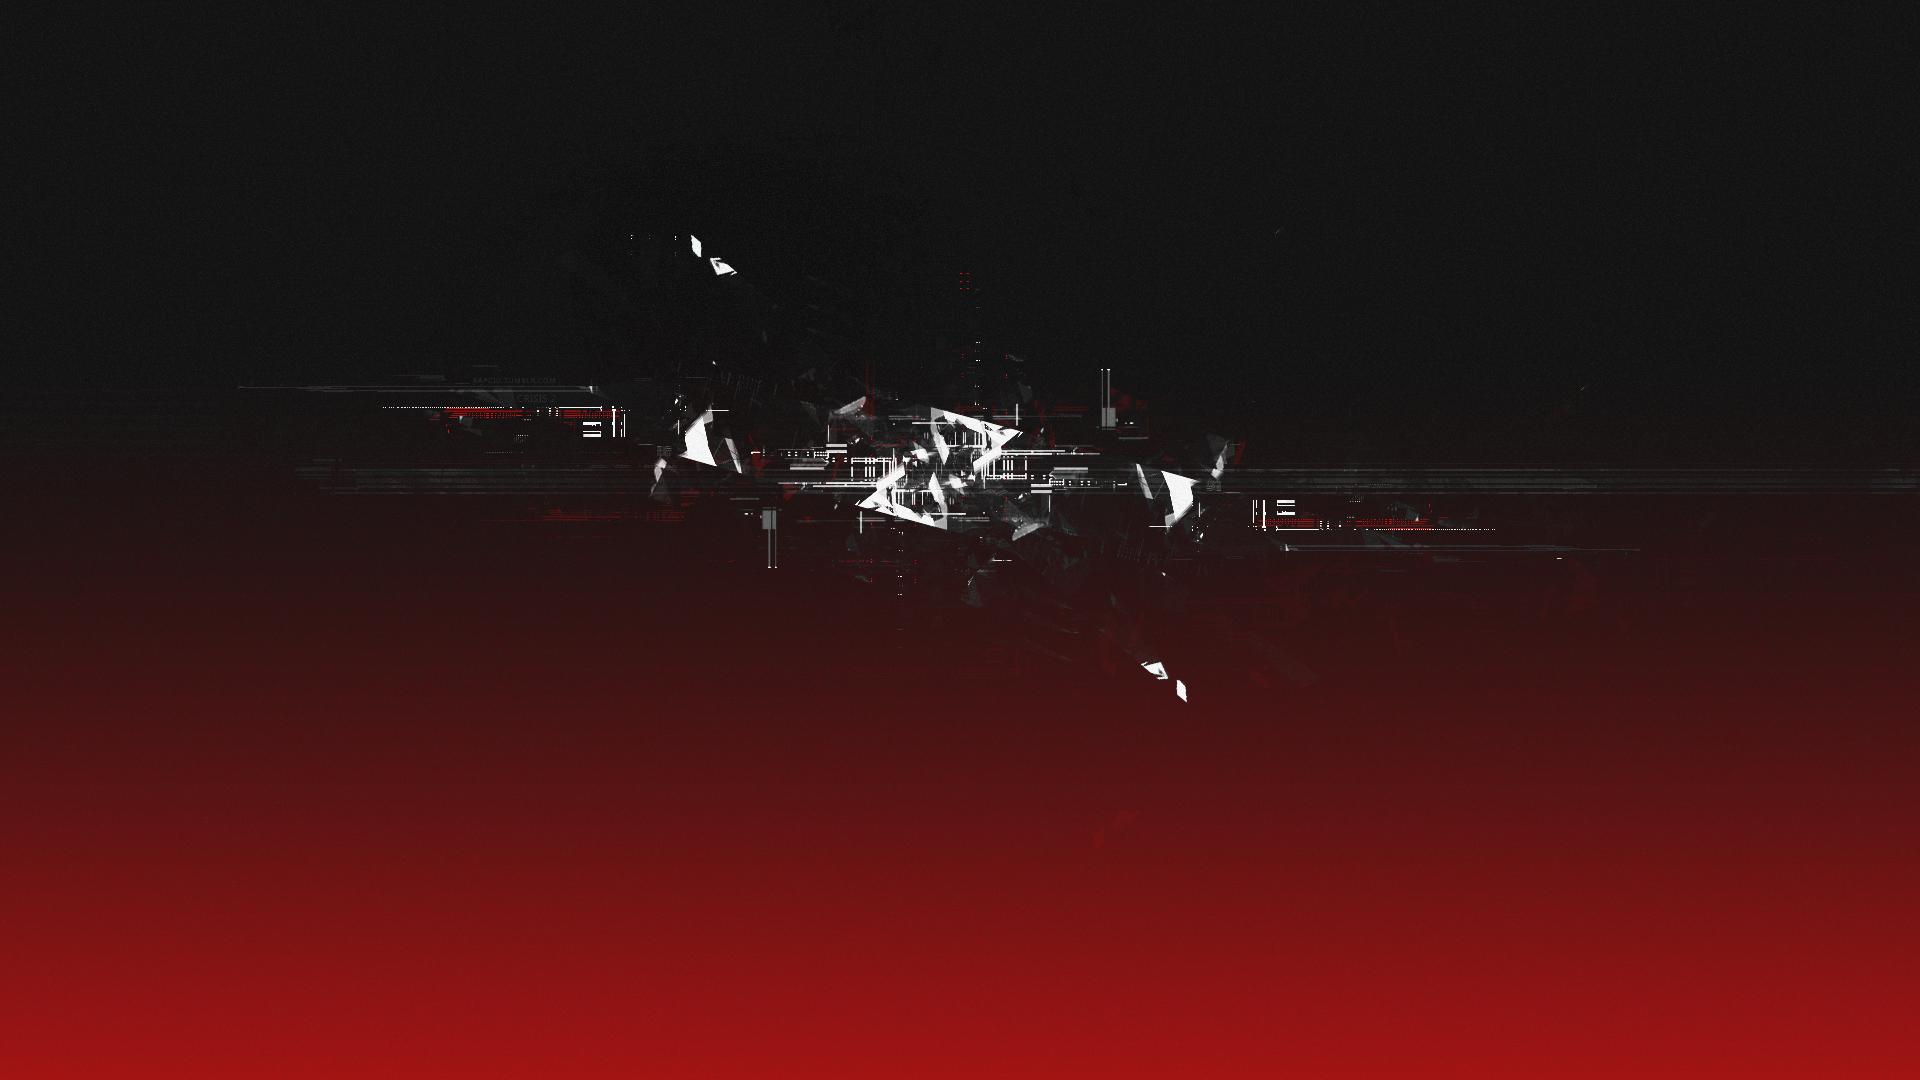 Crisis 2 by xxRapeKxx